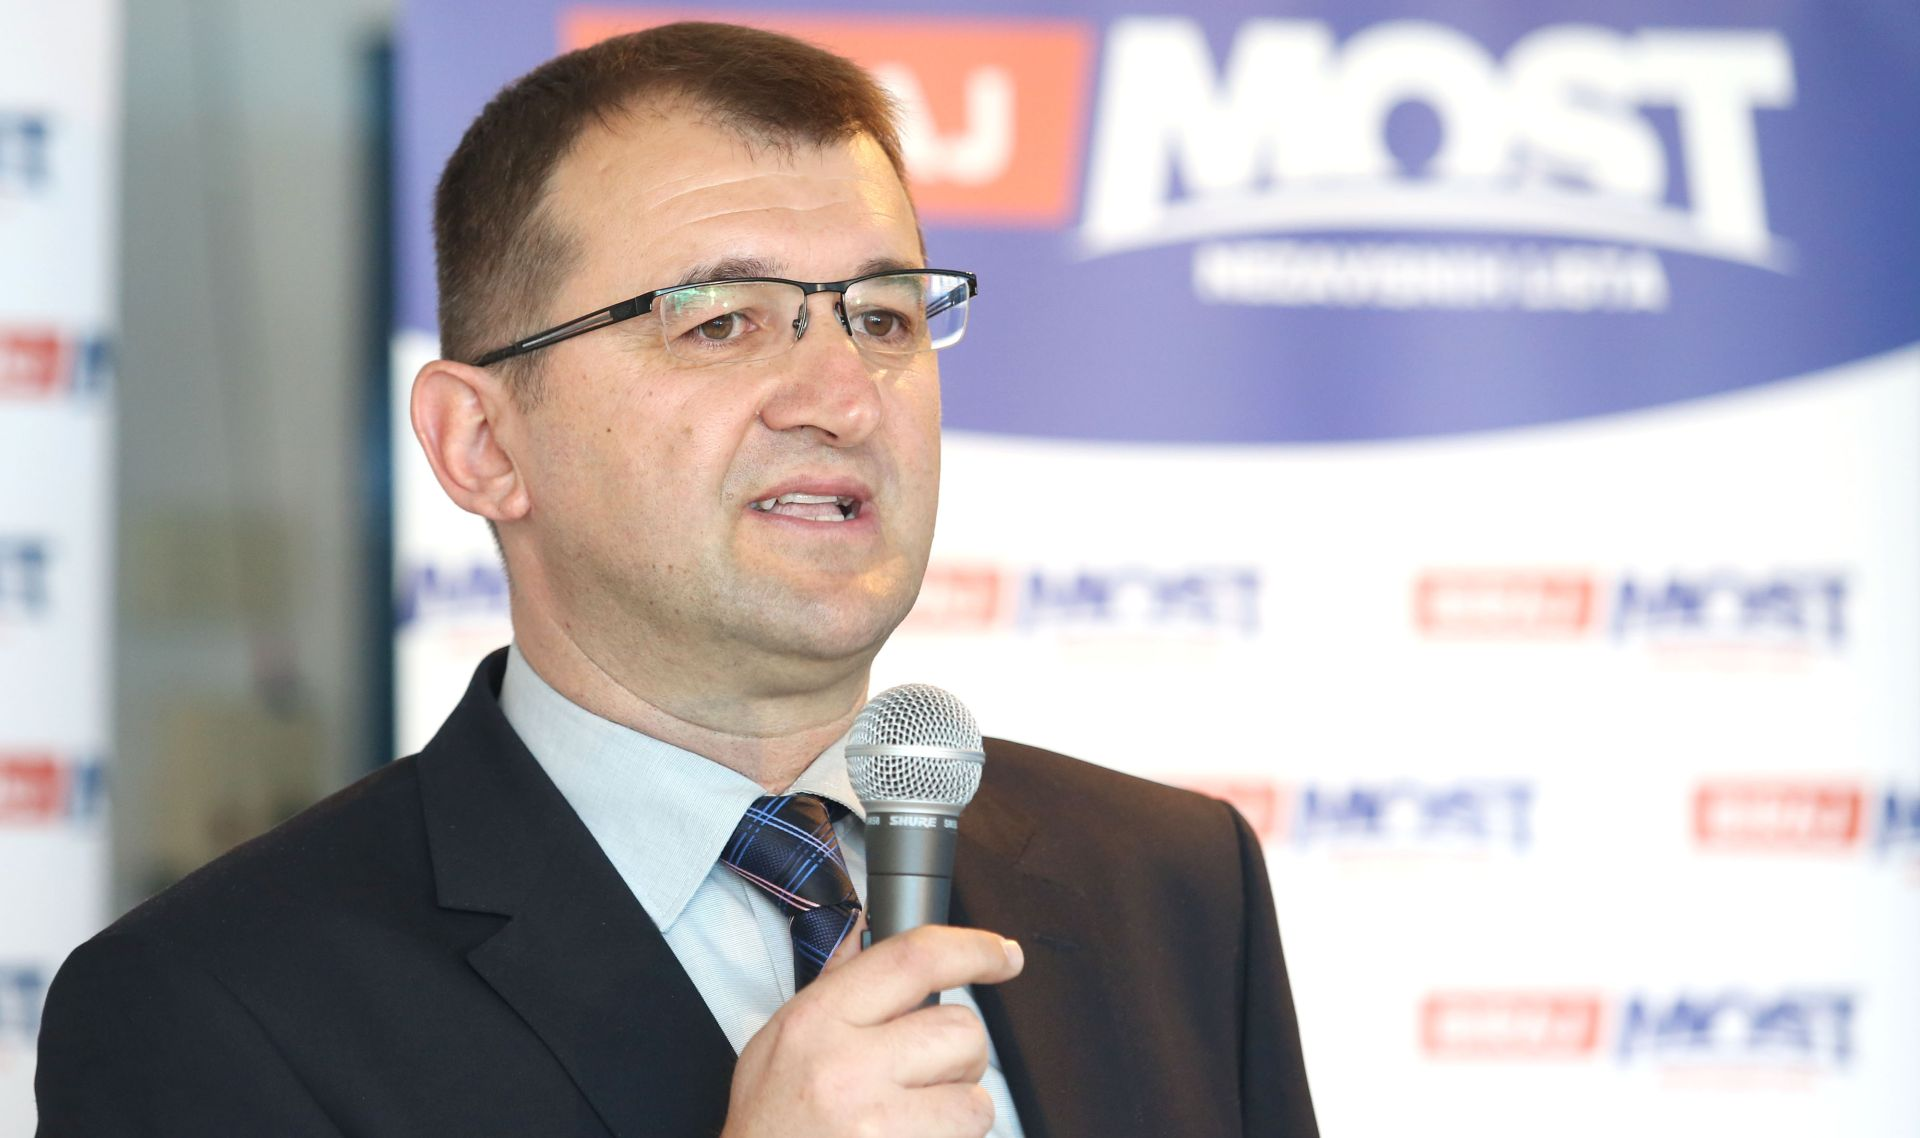 Šibenski HSP podržat će Mostovog Ivicu Ledenka za šibensko-kninskog župana